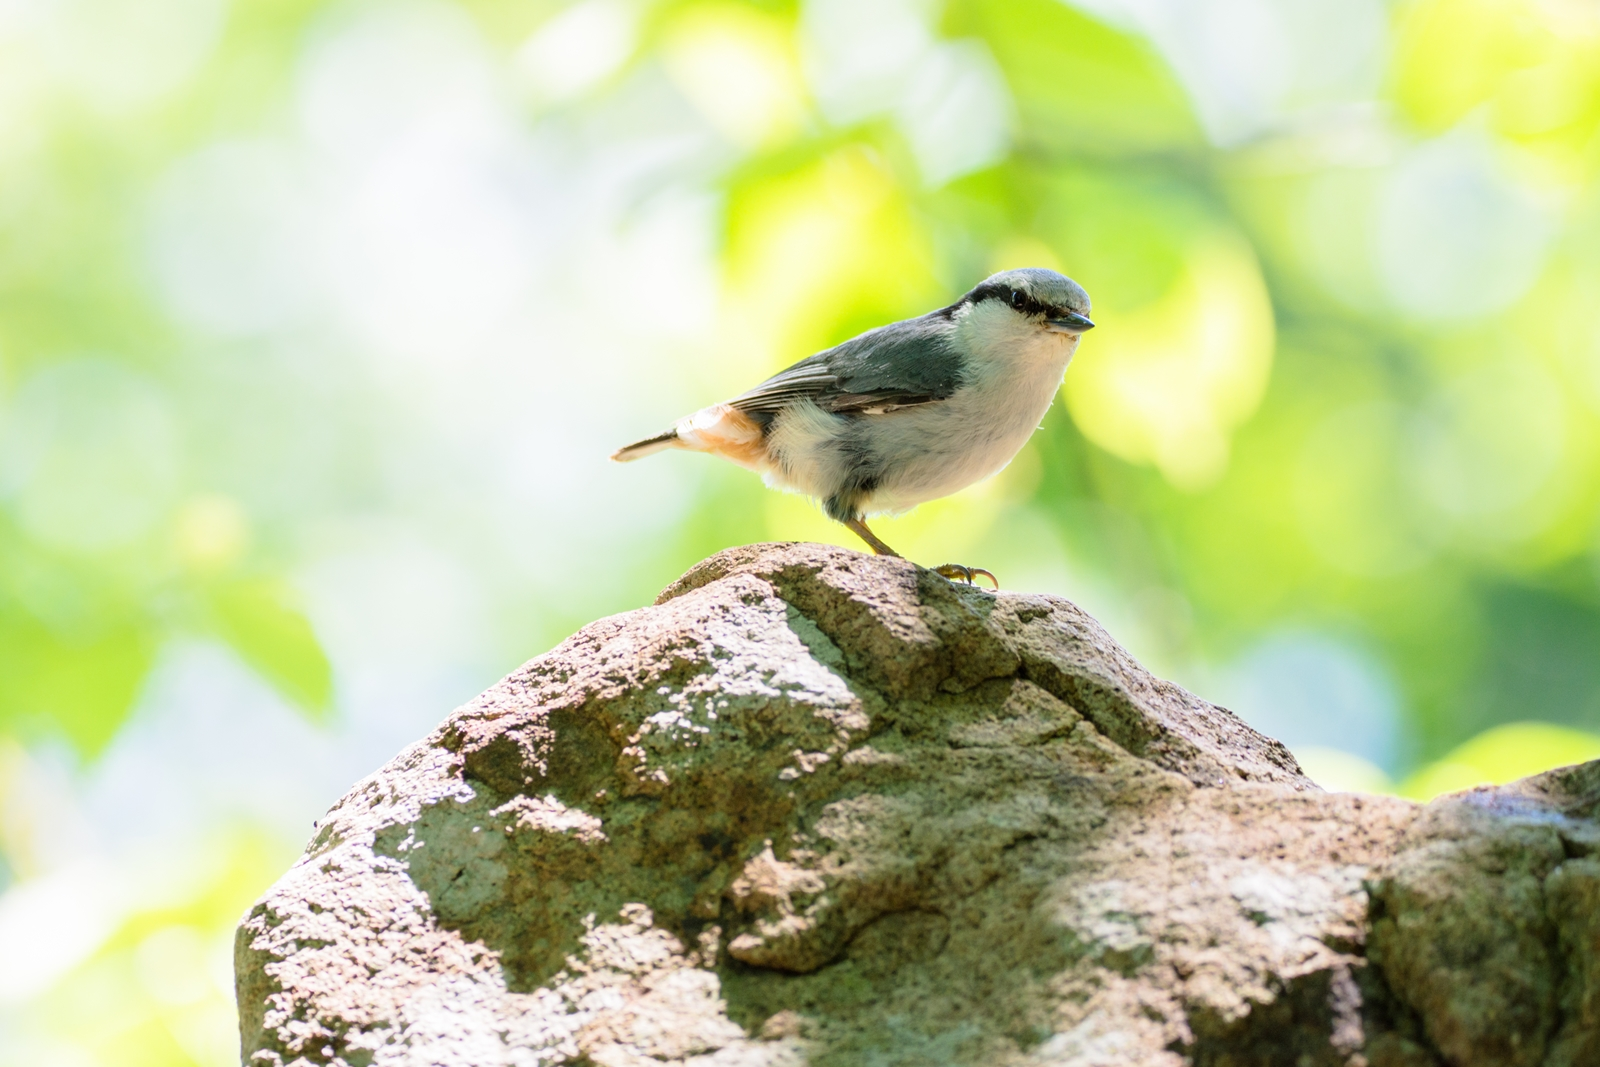 Photo: 「初夏の朝を巡る」 / Around to summer morning.  早い朝の訪れ 感じる日の長さ いつもよりのんびり森を巡る あら、おはよう  Eurasian nuthatch. (ゴジュウカラ)  Nikon D7200 SIGMA 150-600mm F5-6.3 DG OS HSM Contemporary  #birdphotography #birds #kawaii #ことり #小鳥 #nikon #sigma  ( http://takafumiooshio.com/archives/2676 )